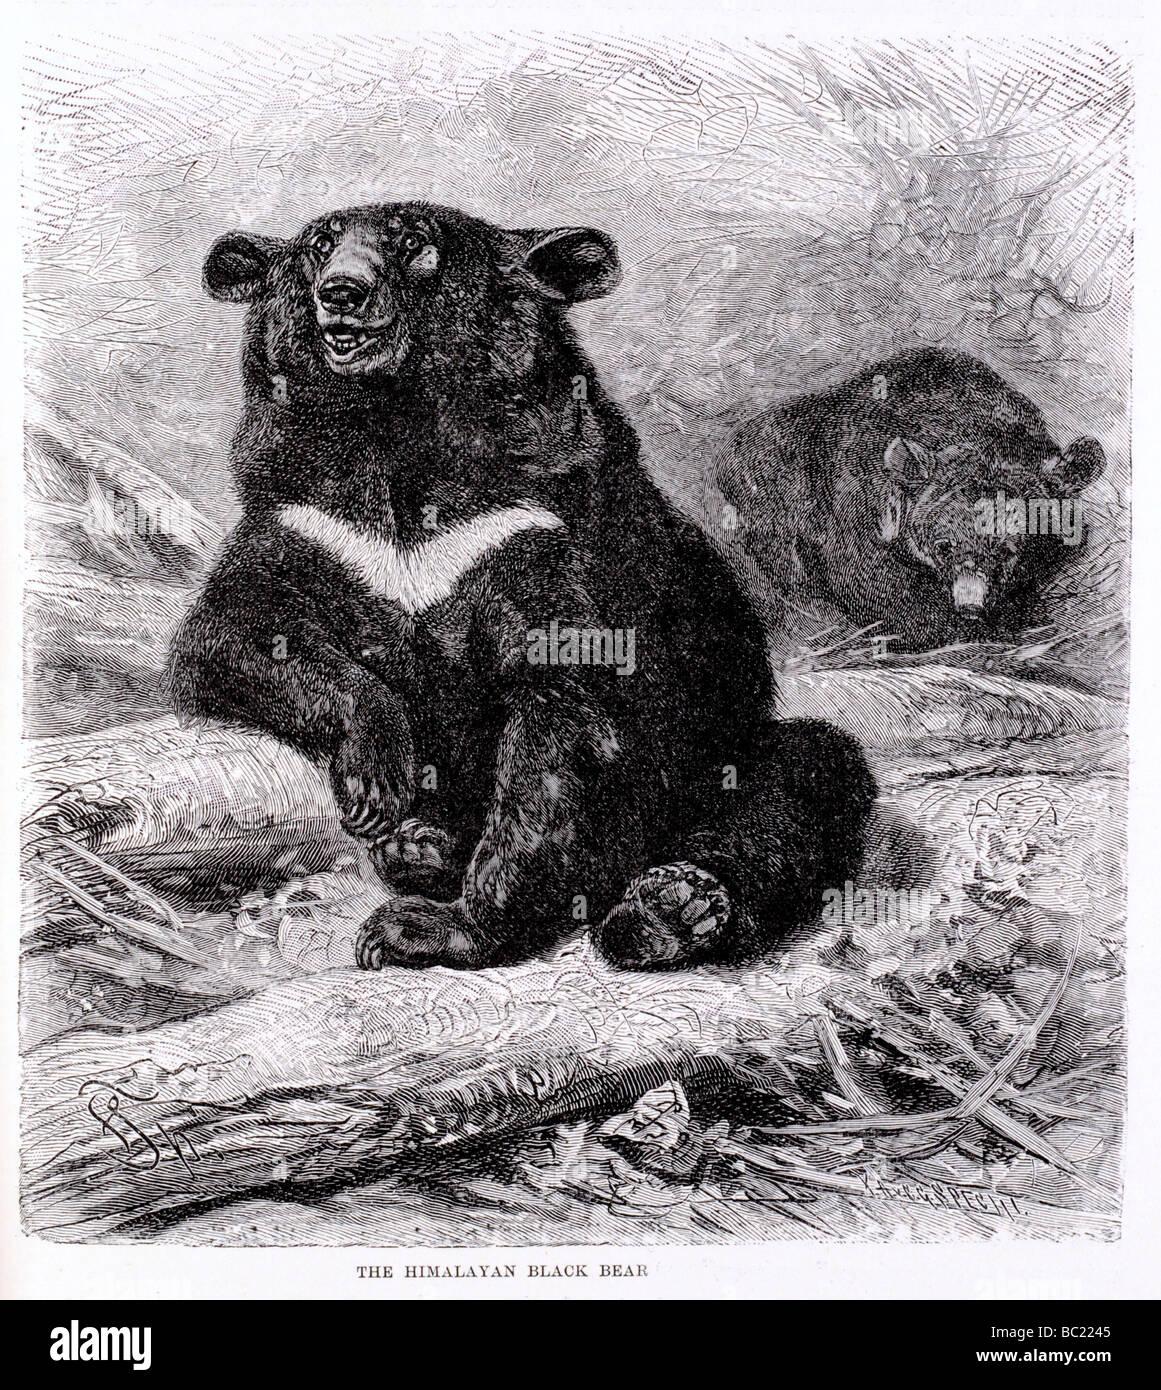 the himalayan black bear - Stock Image